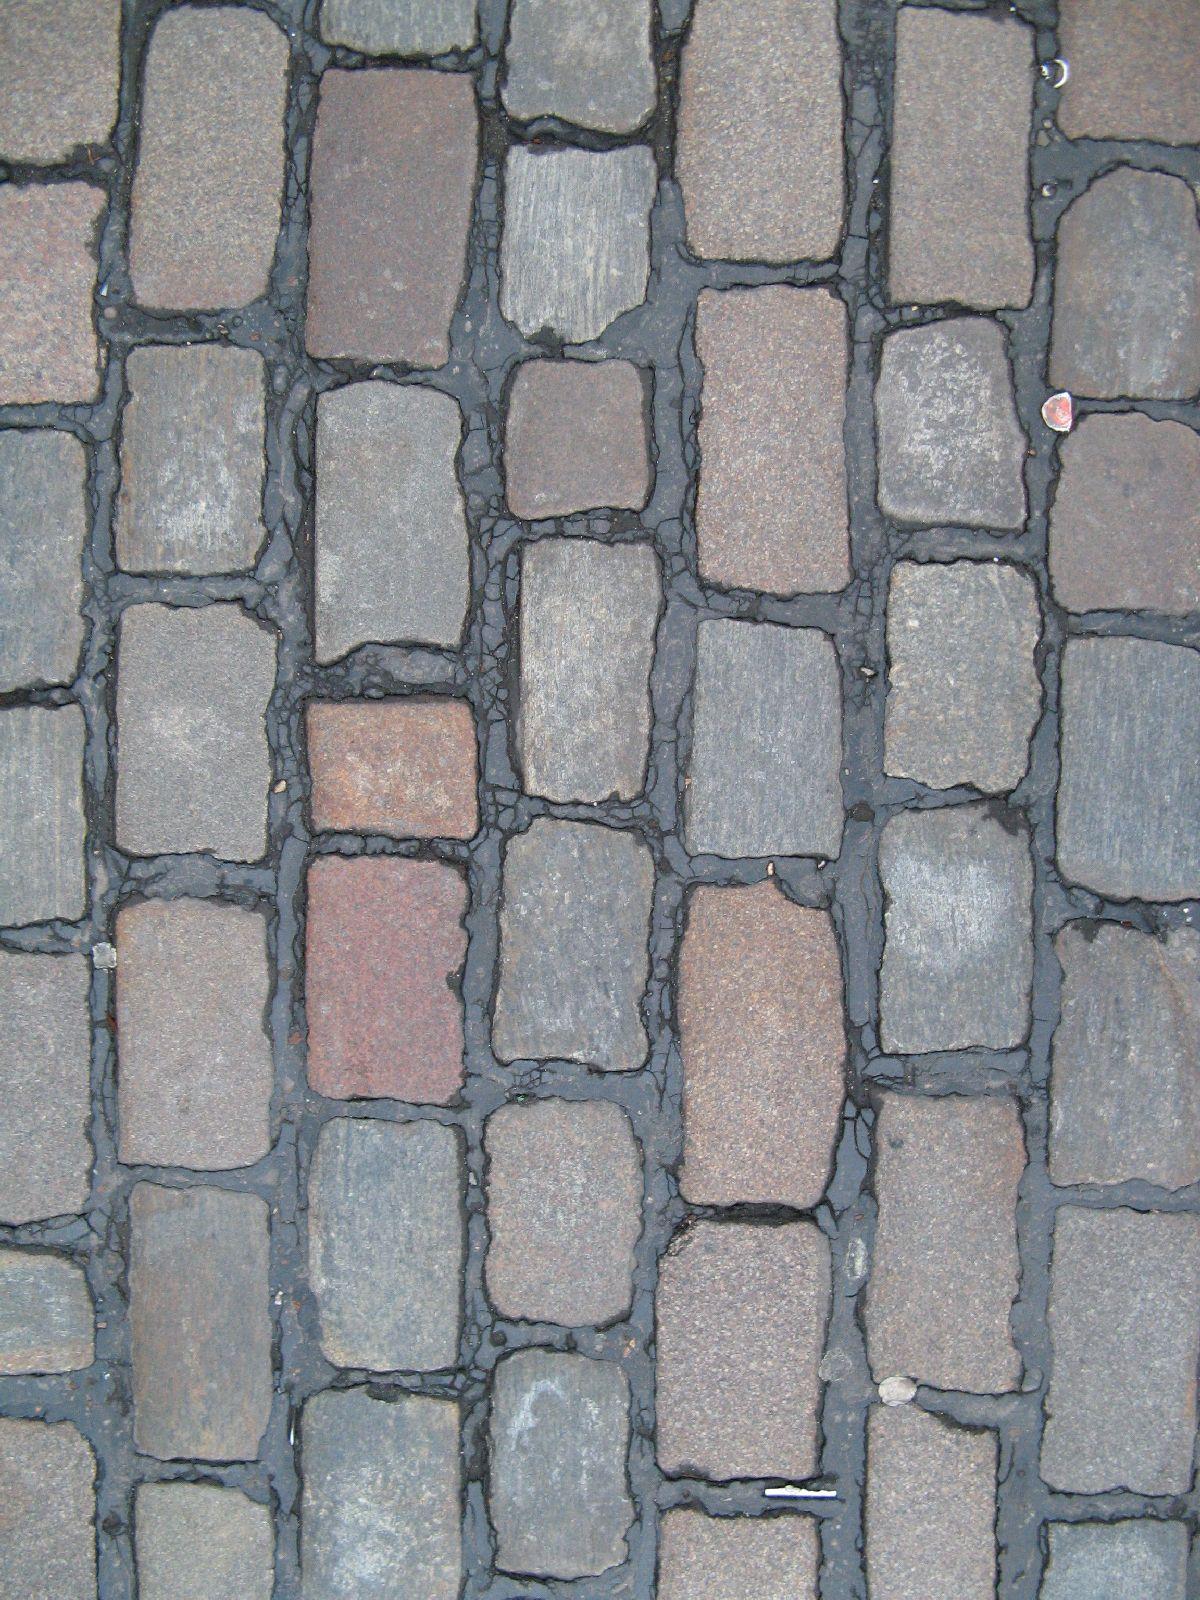 Boden-Gehweg-Strasse-Buergersteig-Textur_B_1450